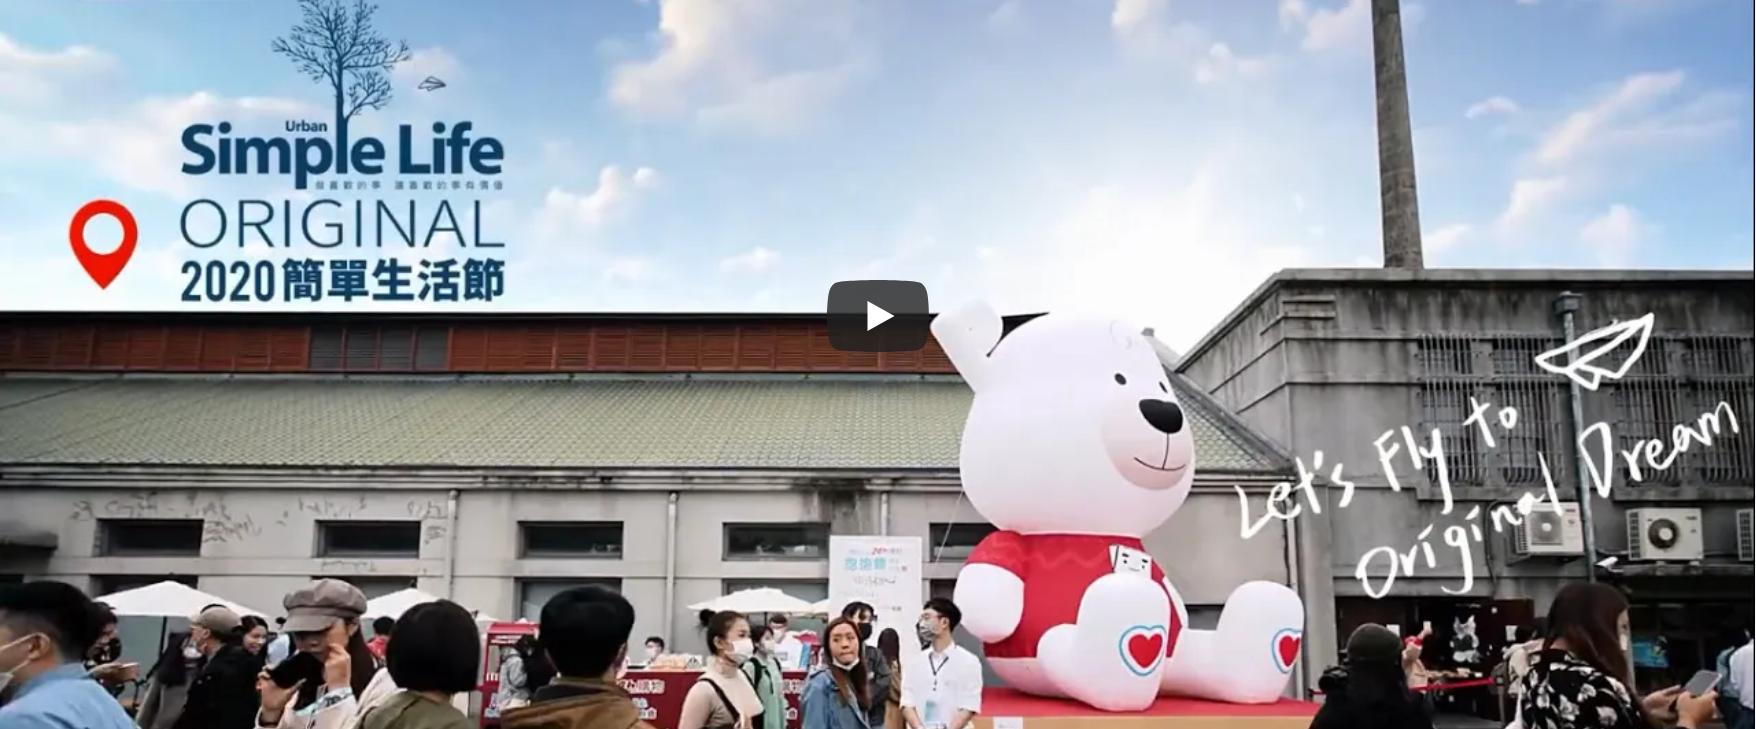 PChome公益抱抱熊 簡單生活節 我們的愛不簡單